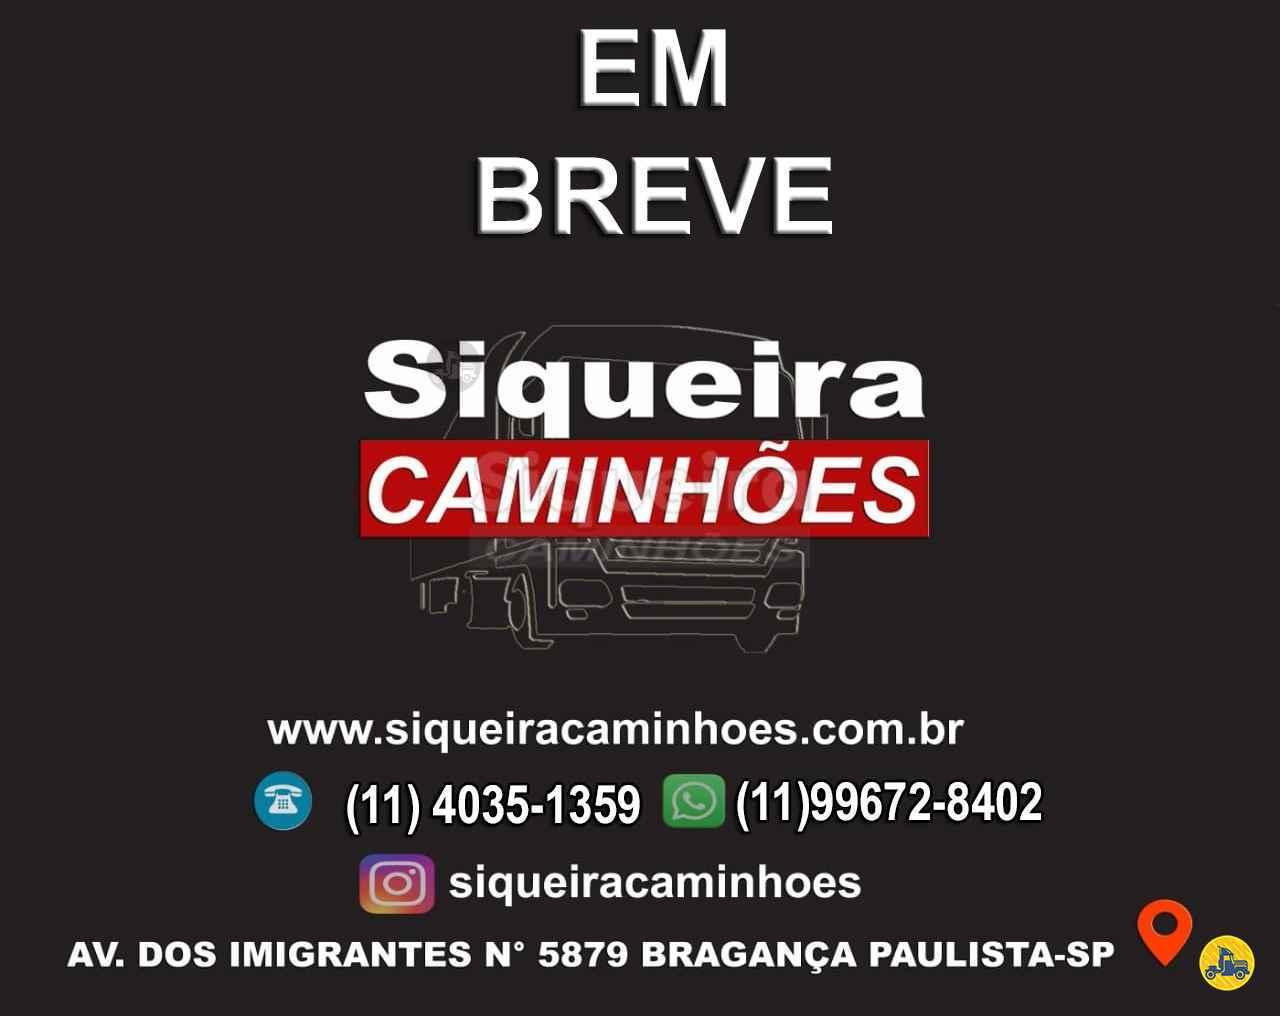 CAMINHAO FORD CARGO 1317 Baú Sider Toco 4x2 Siqueira Caminhões BRAGANCA PAULISTA SÃO PAULO SP